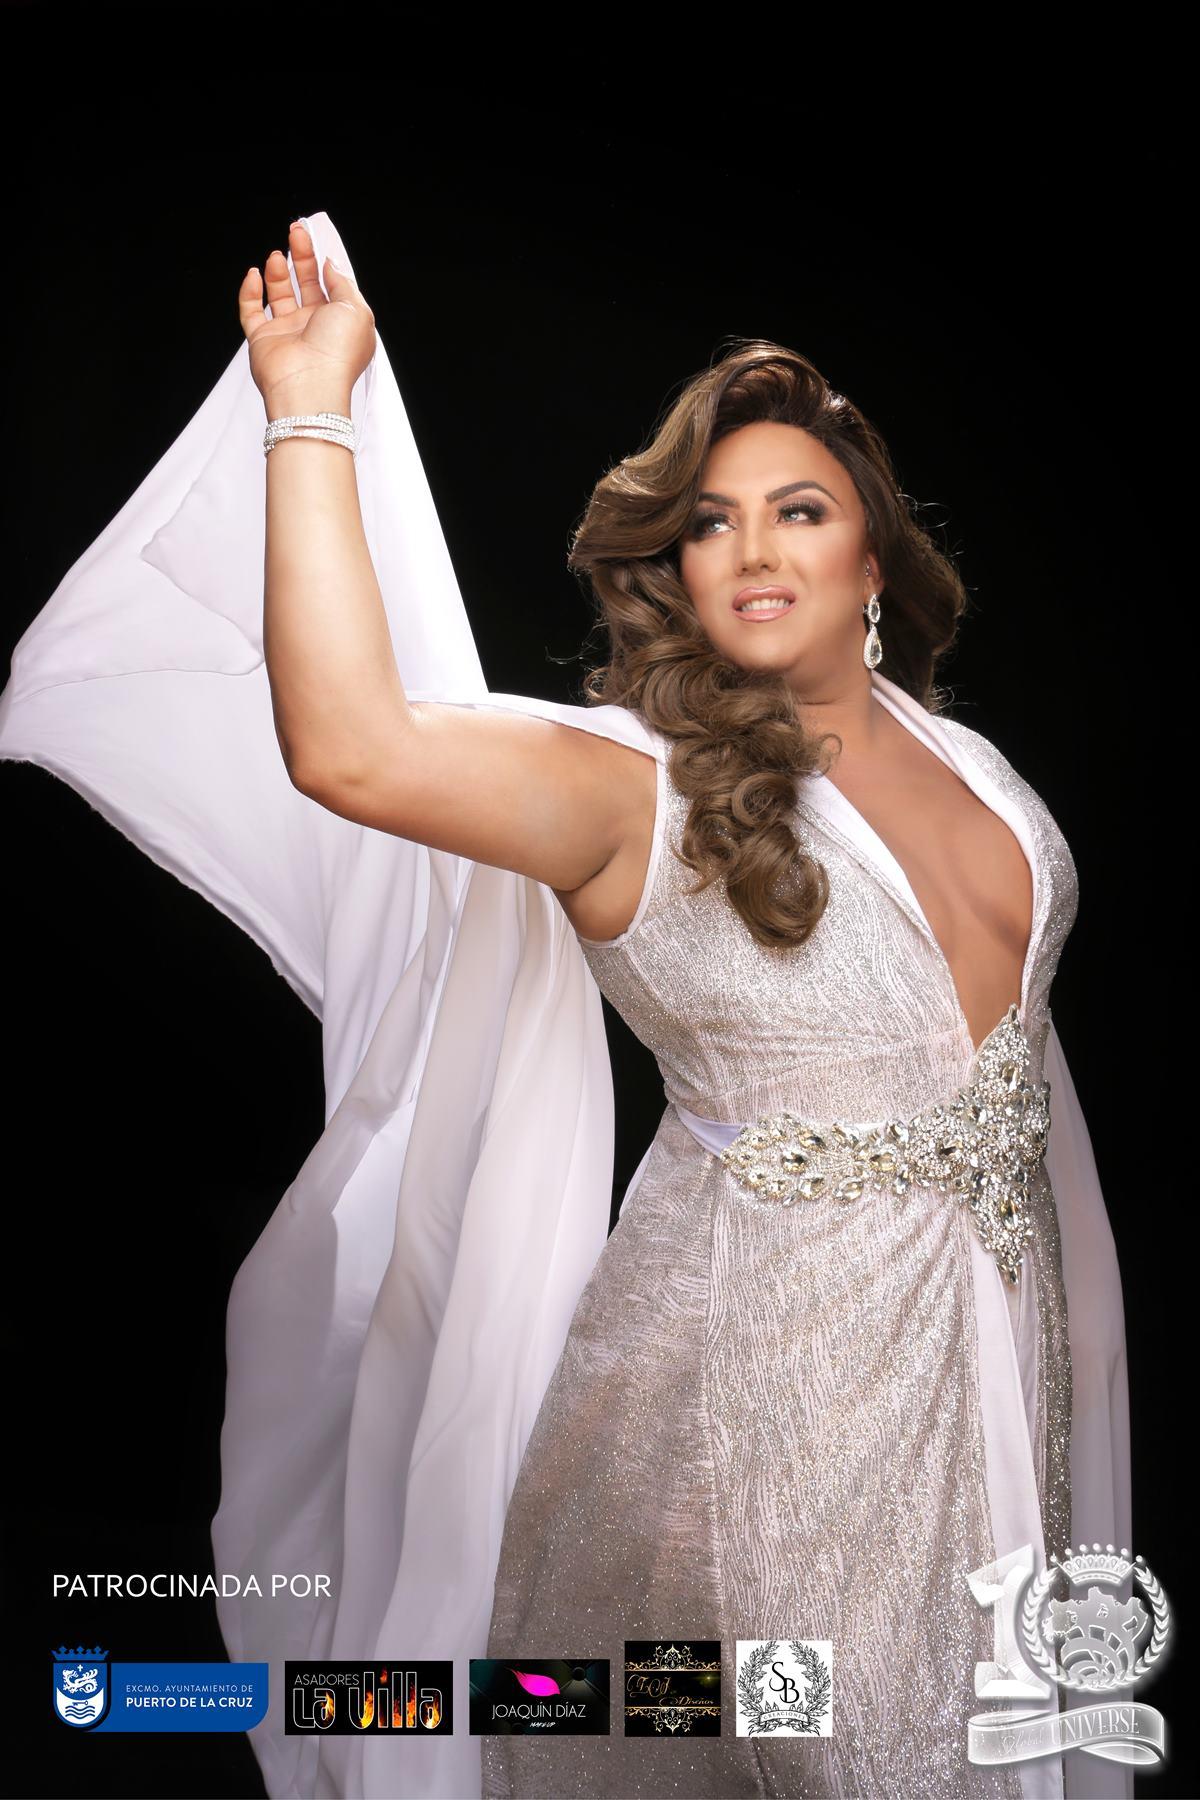 Esta es Natacha Domínguez, representante de Egipto XL